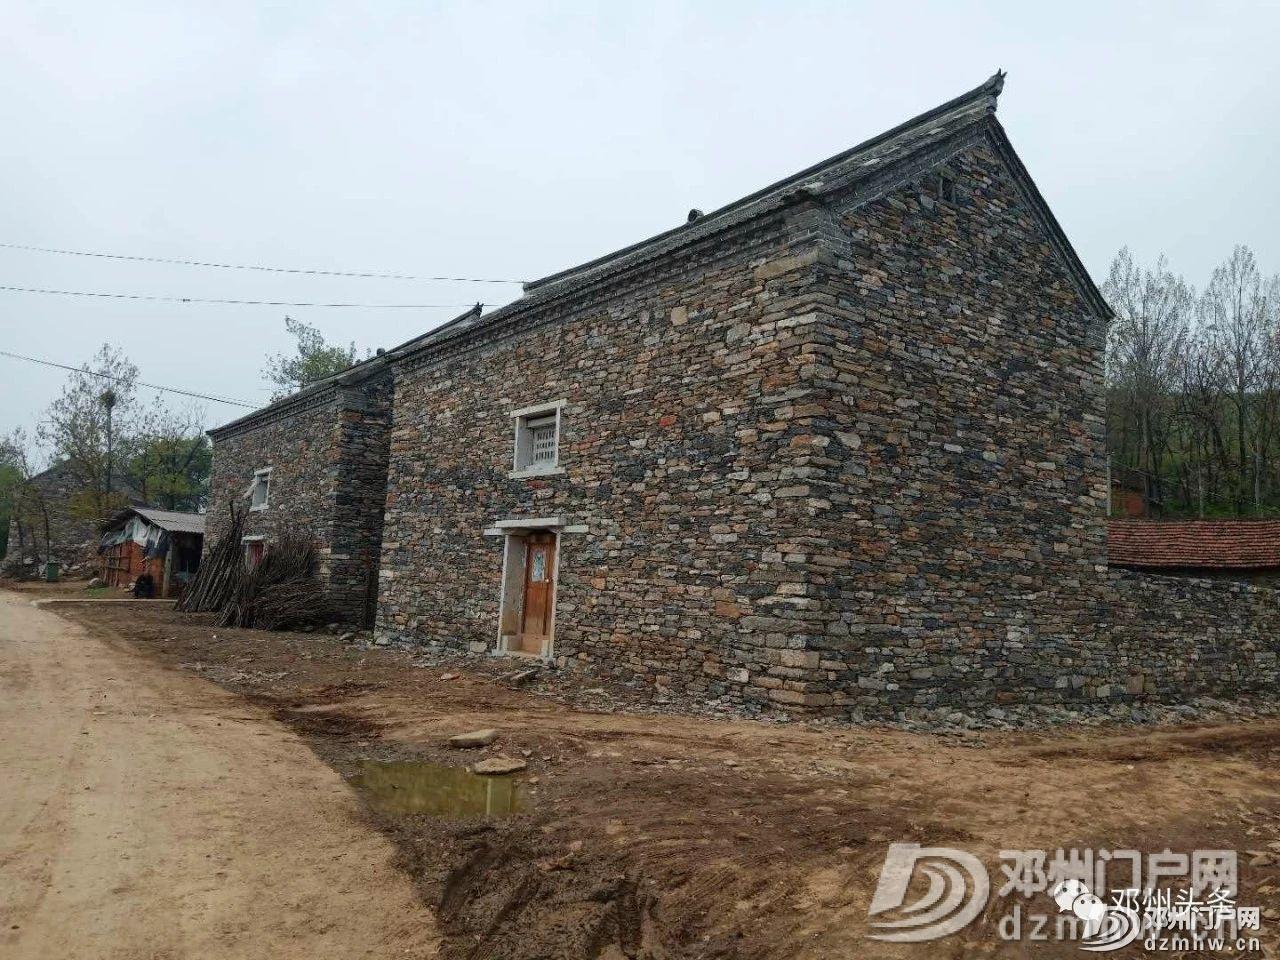 邓州杏山这个以寺名命名村子有五龙庇护的传说,快看是你们村吗? - 邓州门户网|邓州网 - 33f6aa77398f2ca02ed1c8c785baf5c2.jpg